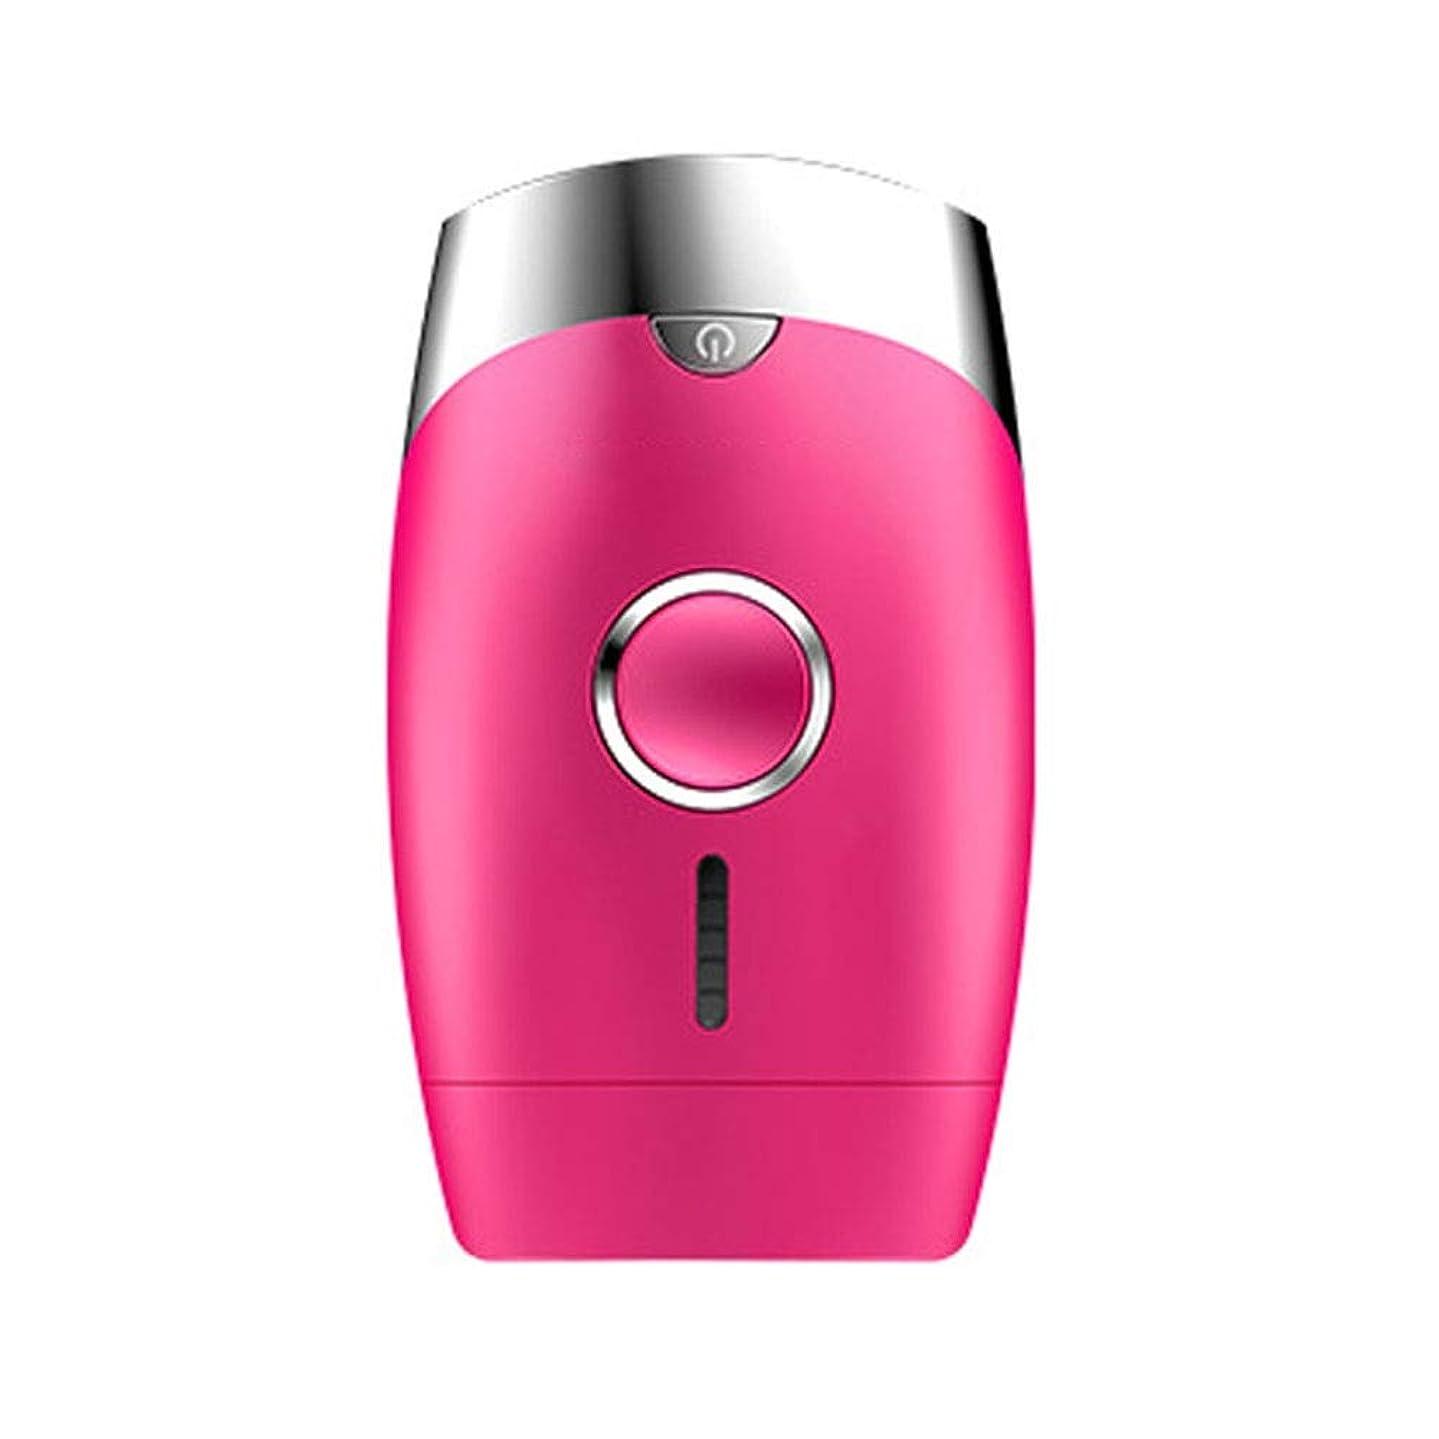 概して脅かすアルネダパイ ピンク、5スピード調整、インテリジェント家庭用痛みのない凝固点ヘアリムーバー、シングルフラッシュ/連続フラッシュ、サイズ13.9 X 8.3 X 4.8 Cm U546 (Color : Pink)